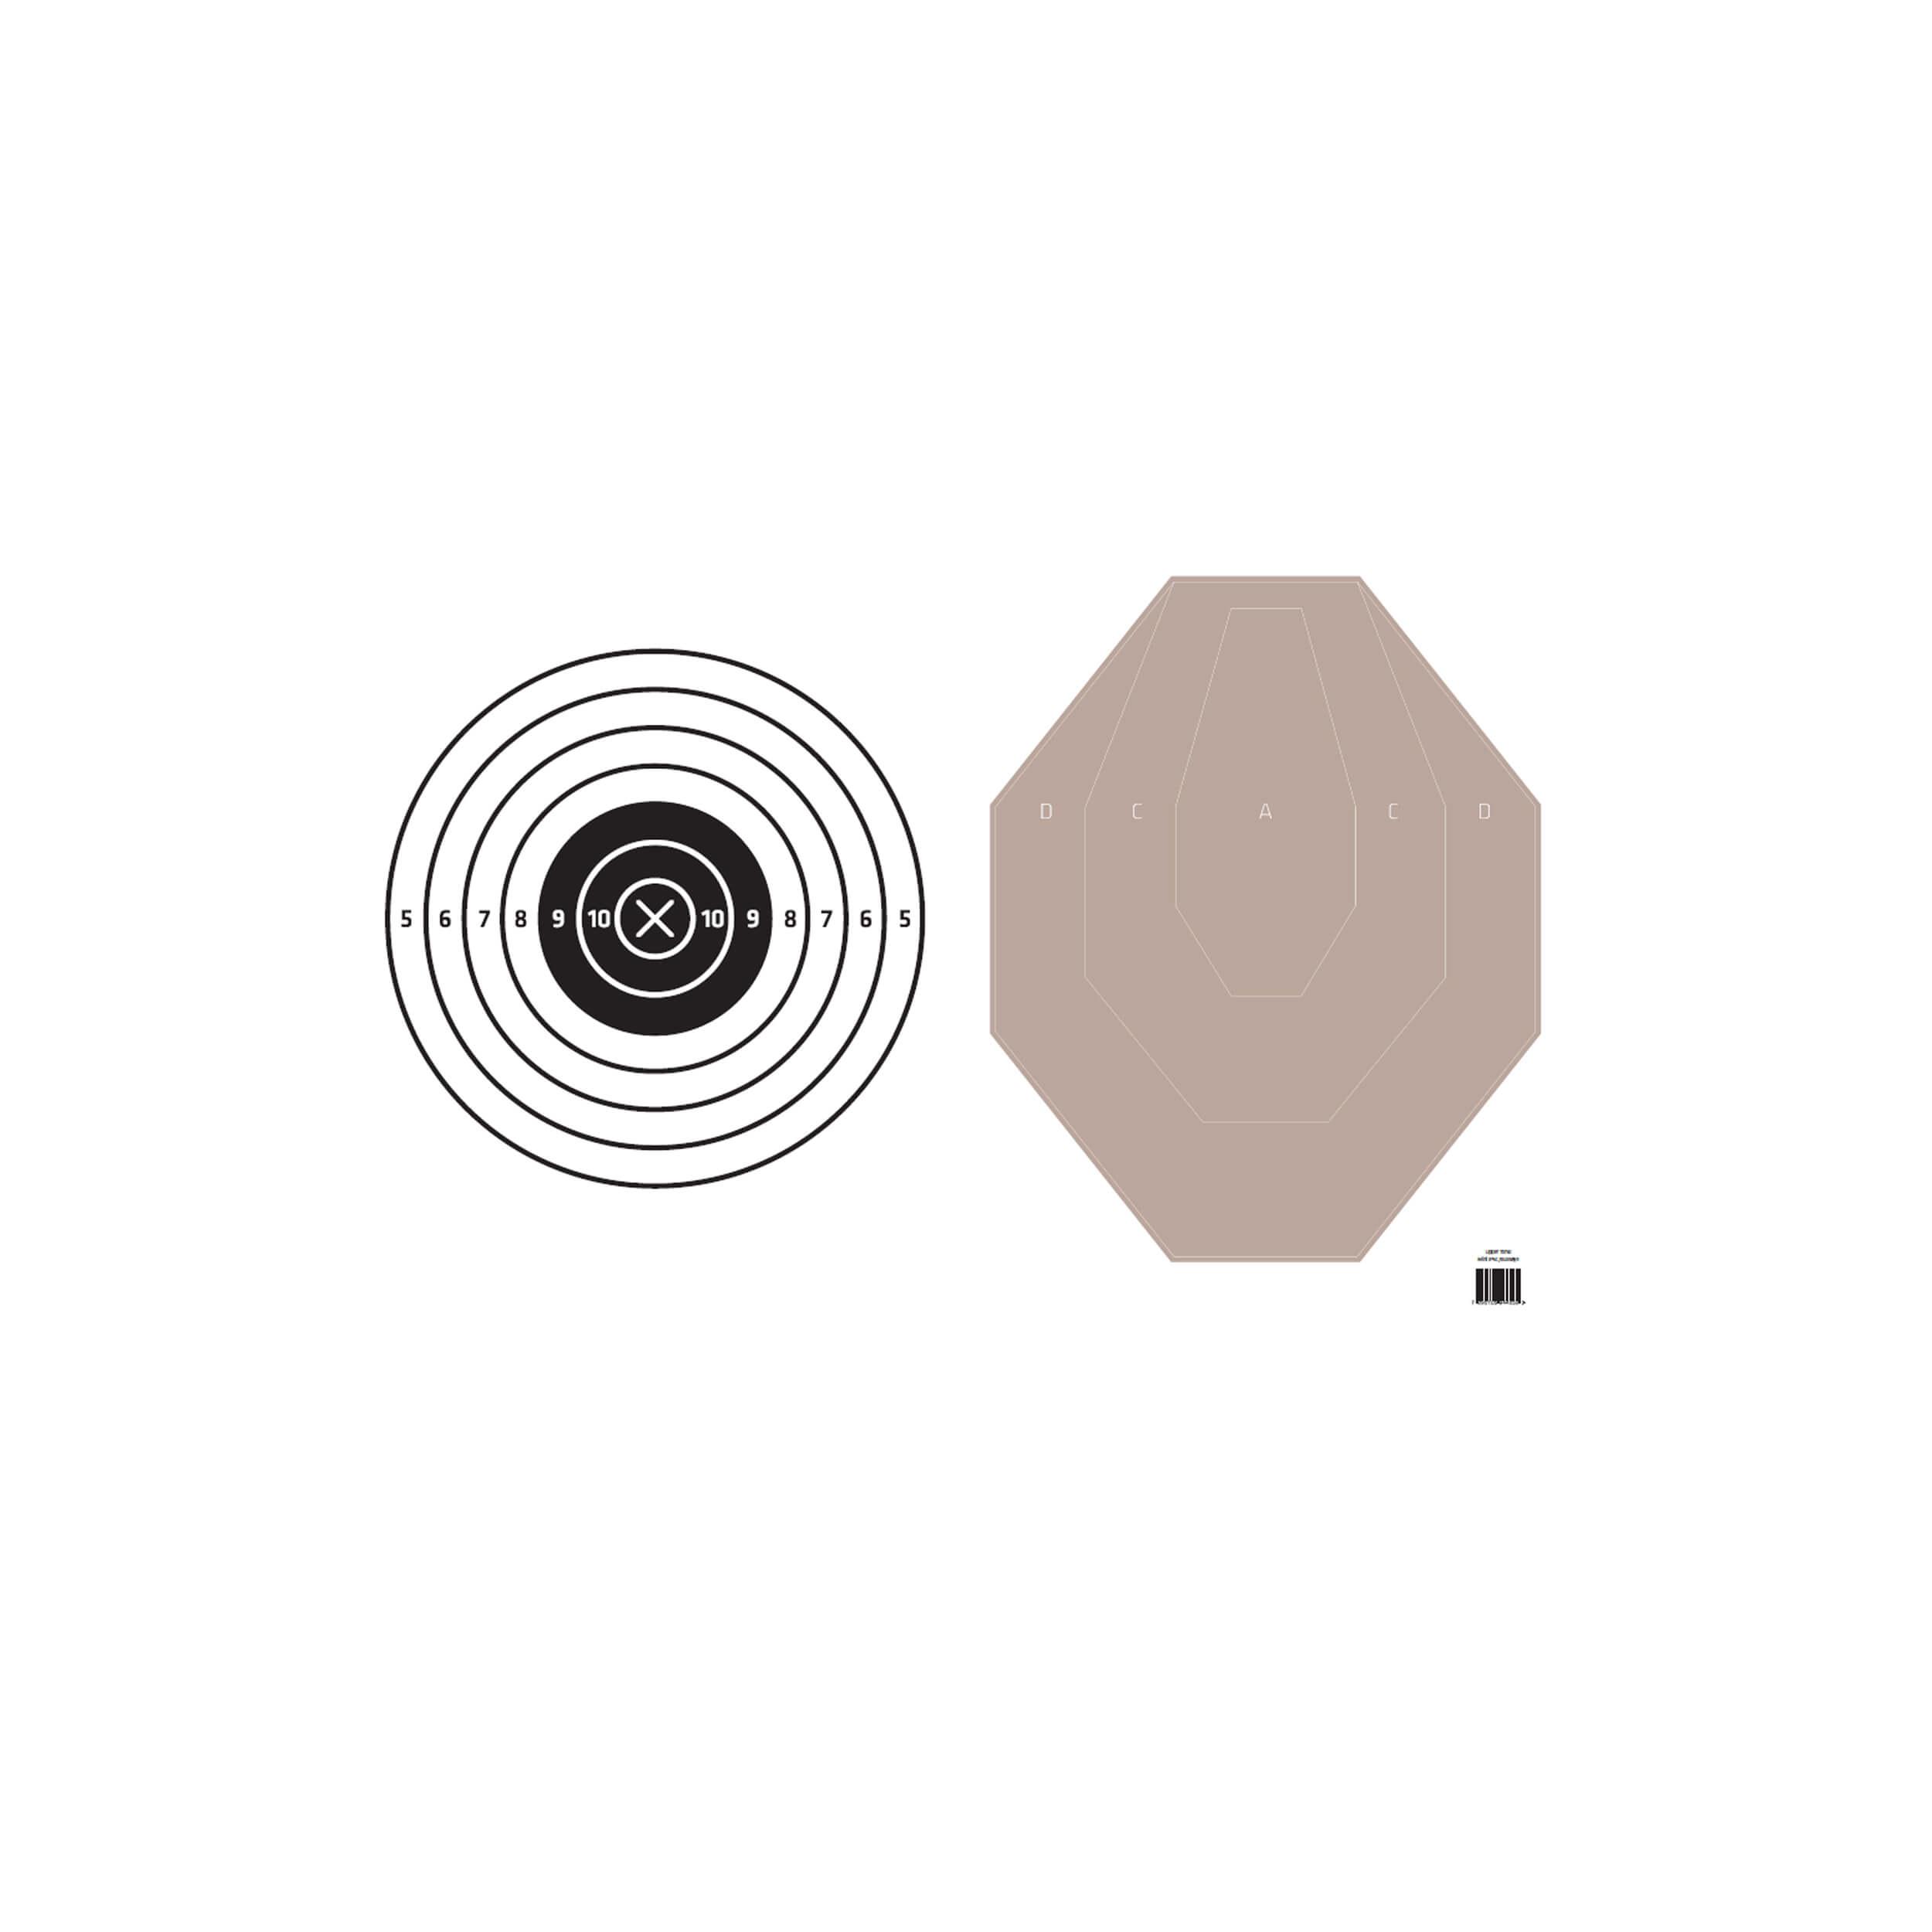 Upper Torso - IPSC / Bullseye Target Cover